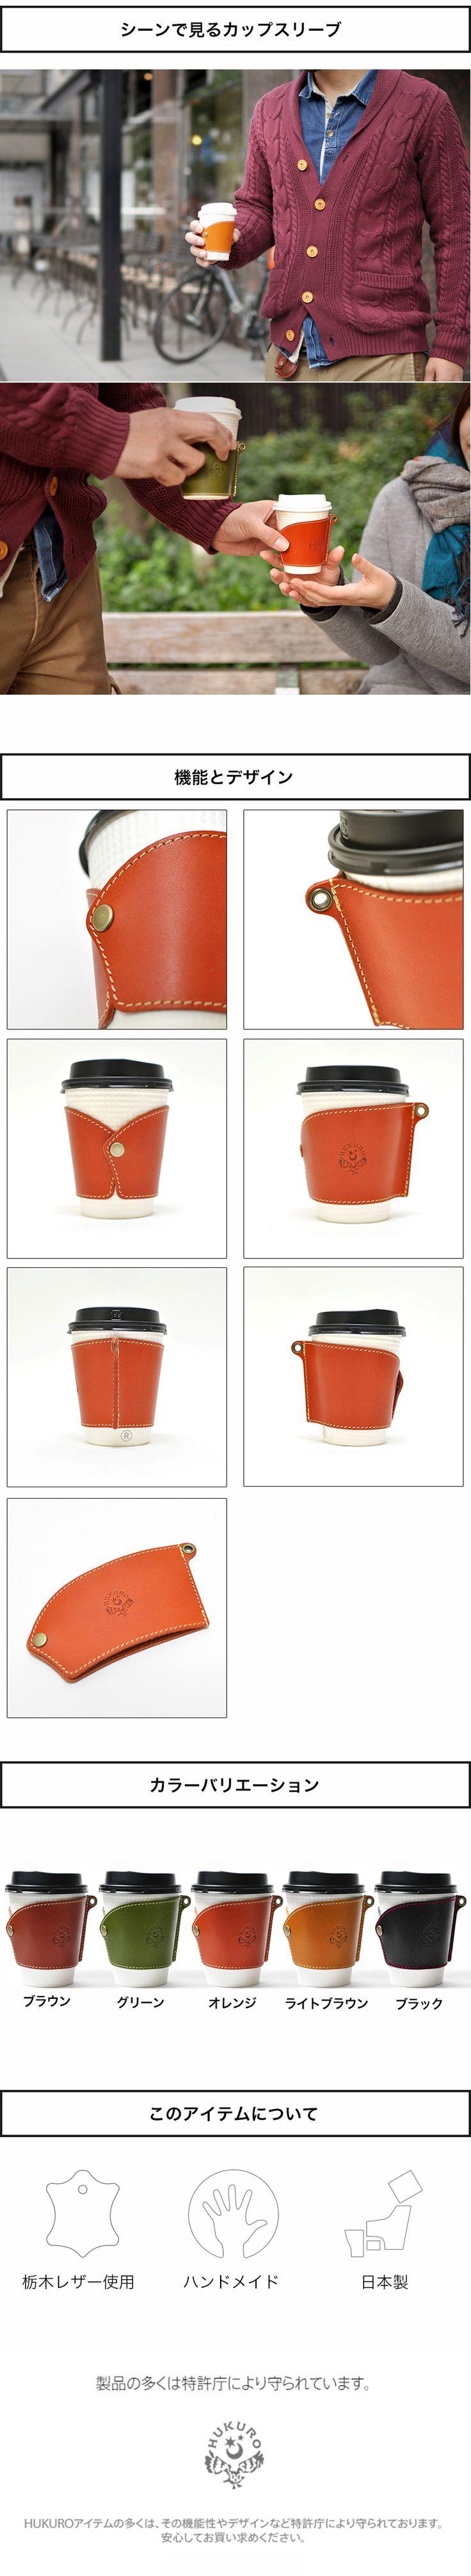 【楽天市場】ぴたっとはまるカップスリーブ 栃木レザー 本革 オイルレザー スタンドコーヒー コンビニコーヒー カップコーヒー カップスリーブ 本革 ブランド HUKURO JACA JACA [666]:JACA JACA